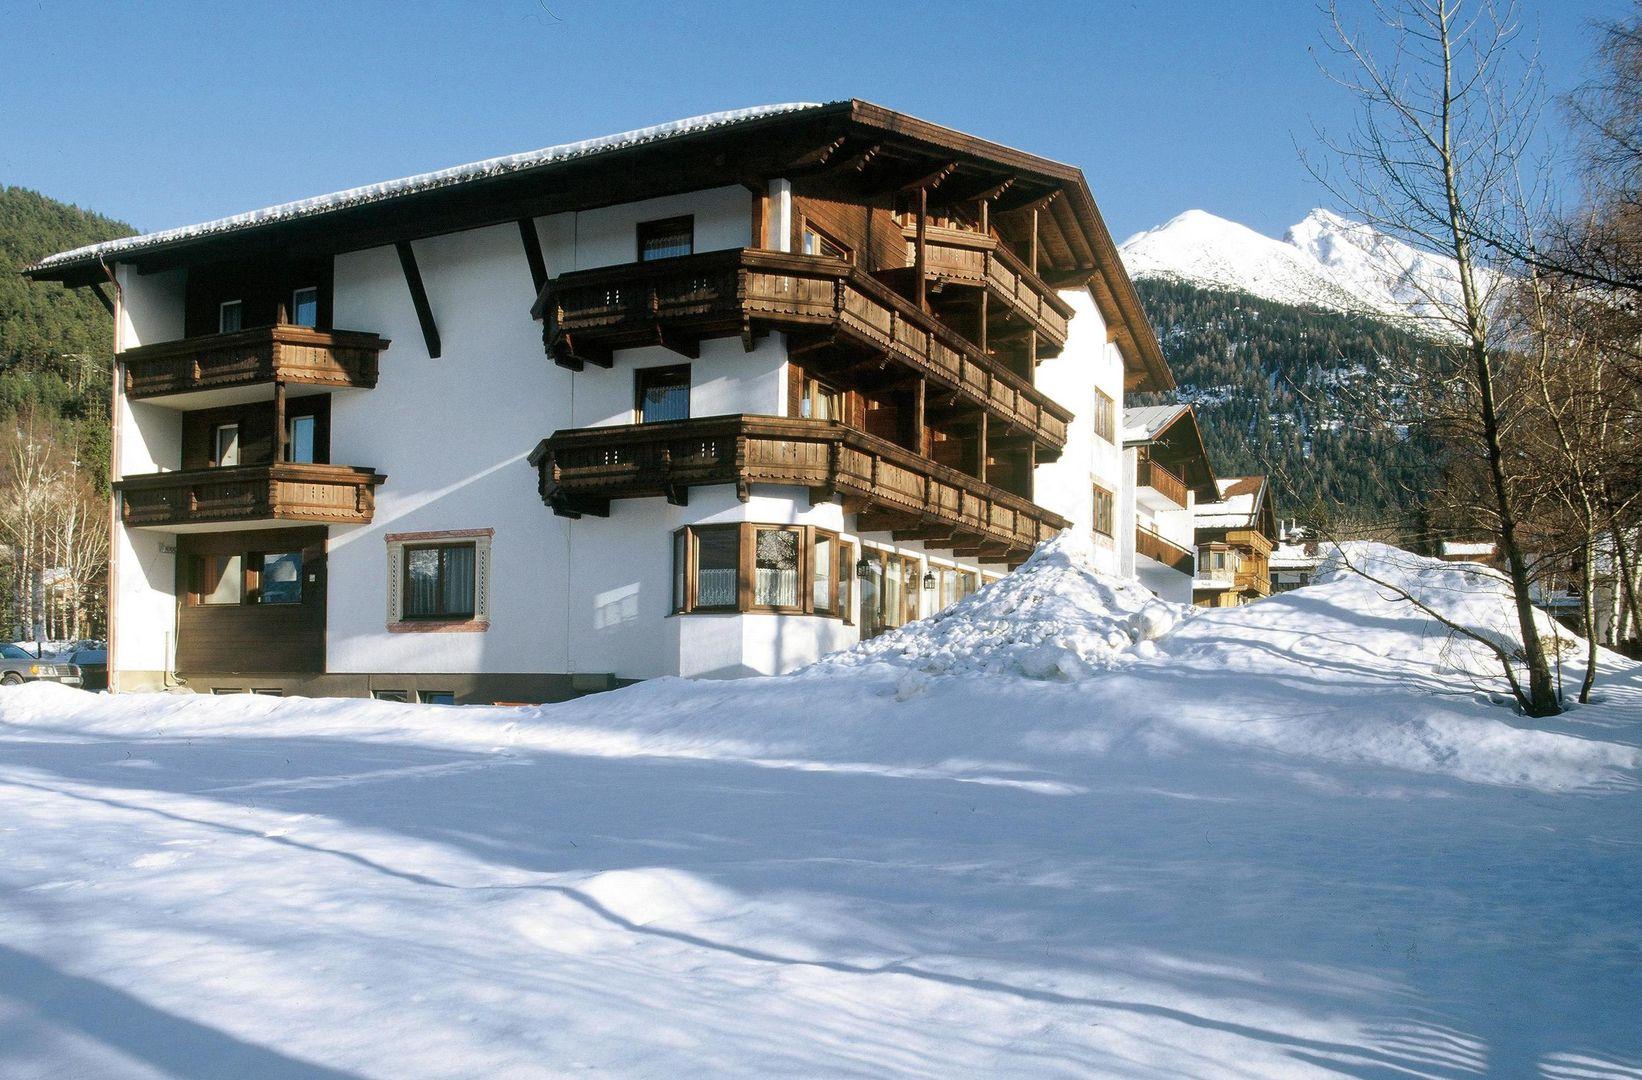 Meer info over Hotel Solstein  bij Wintertrex